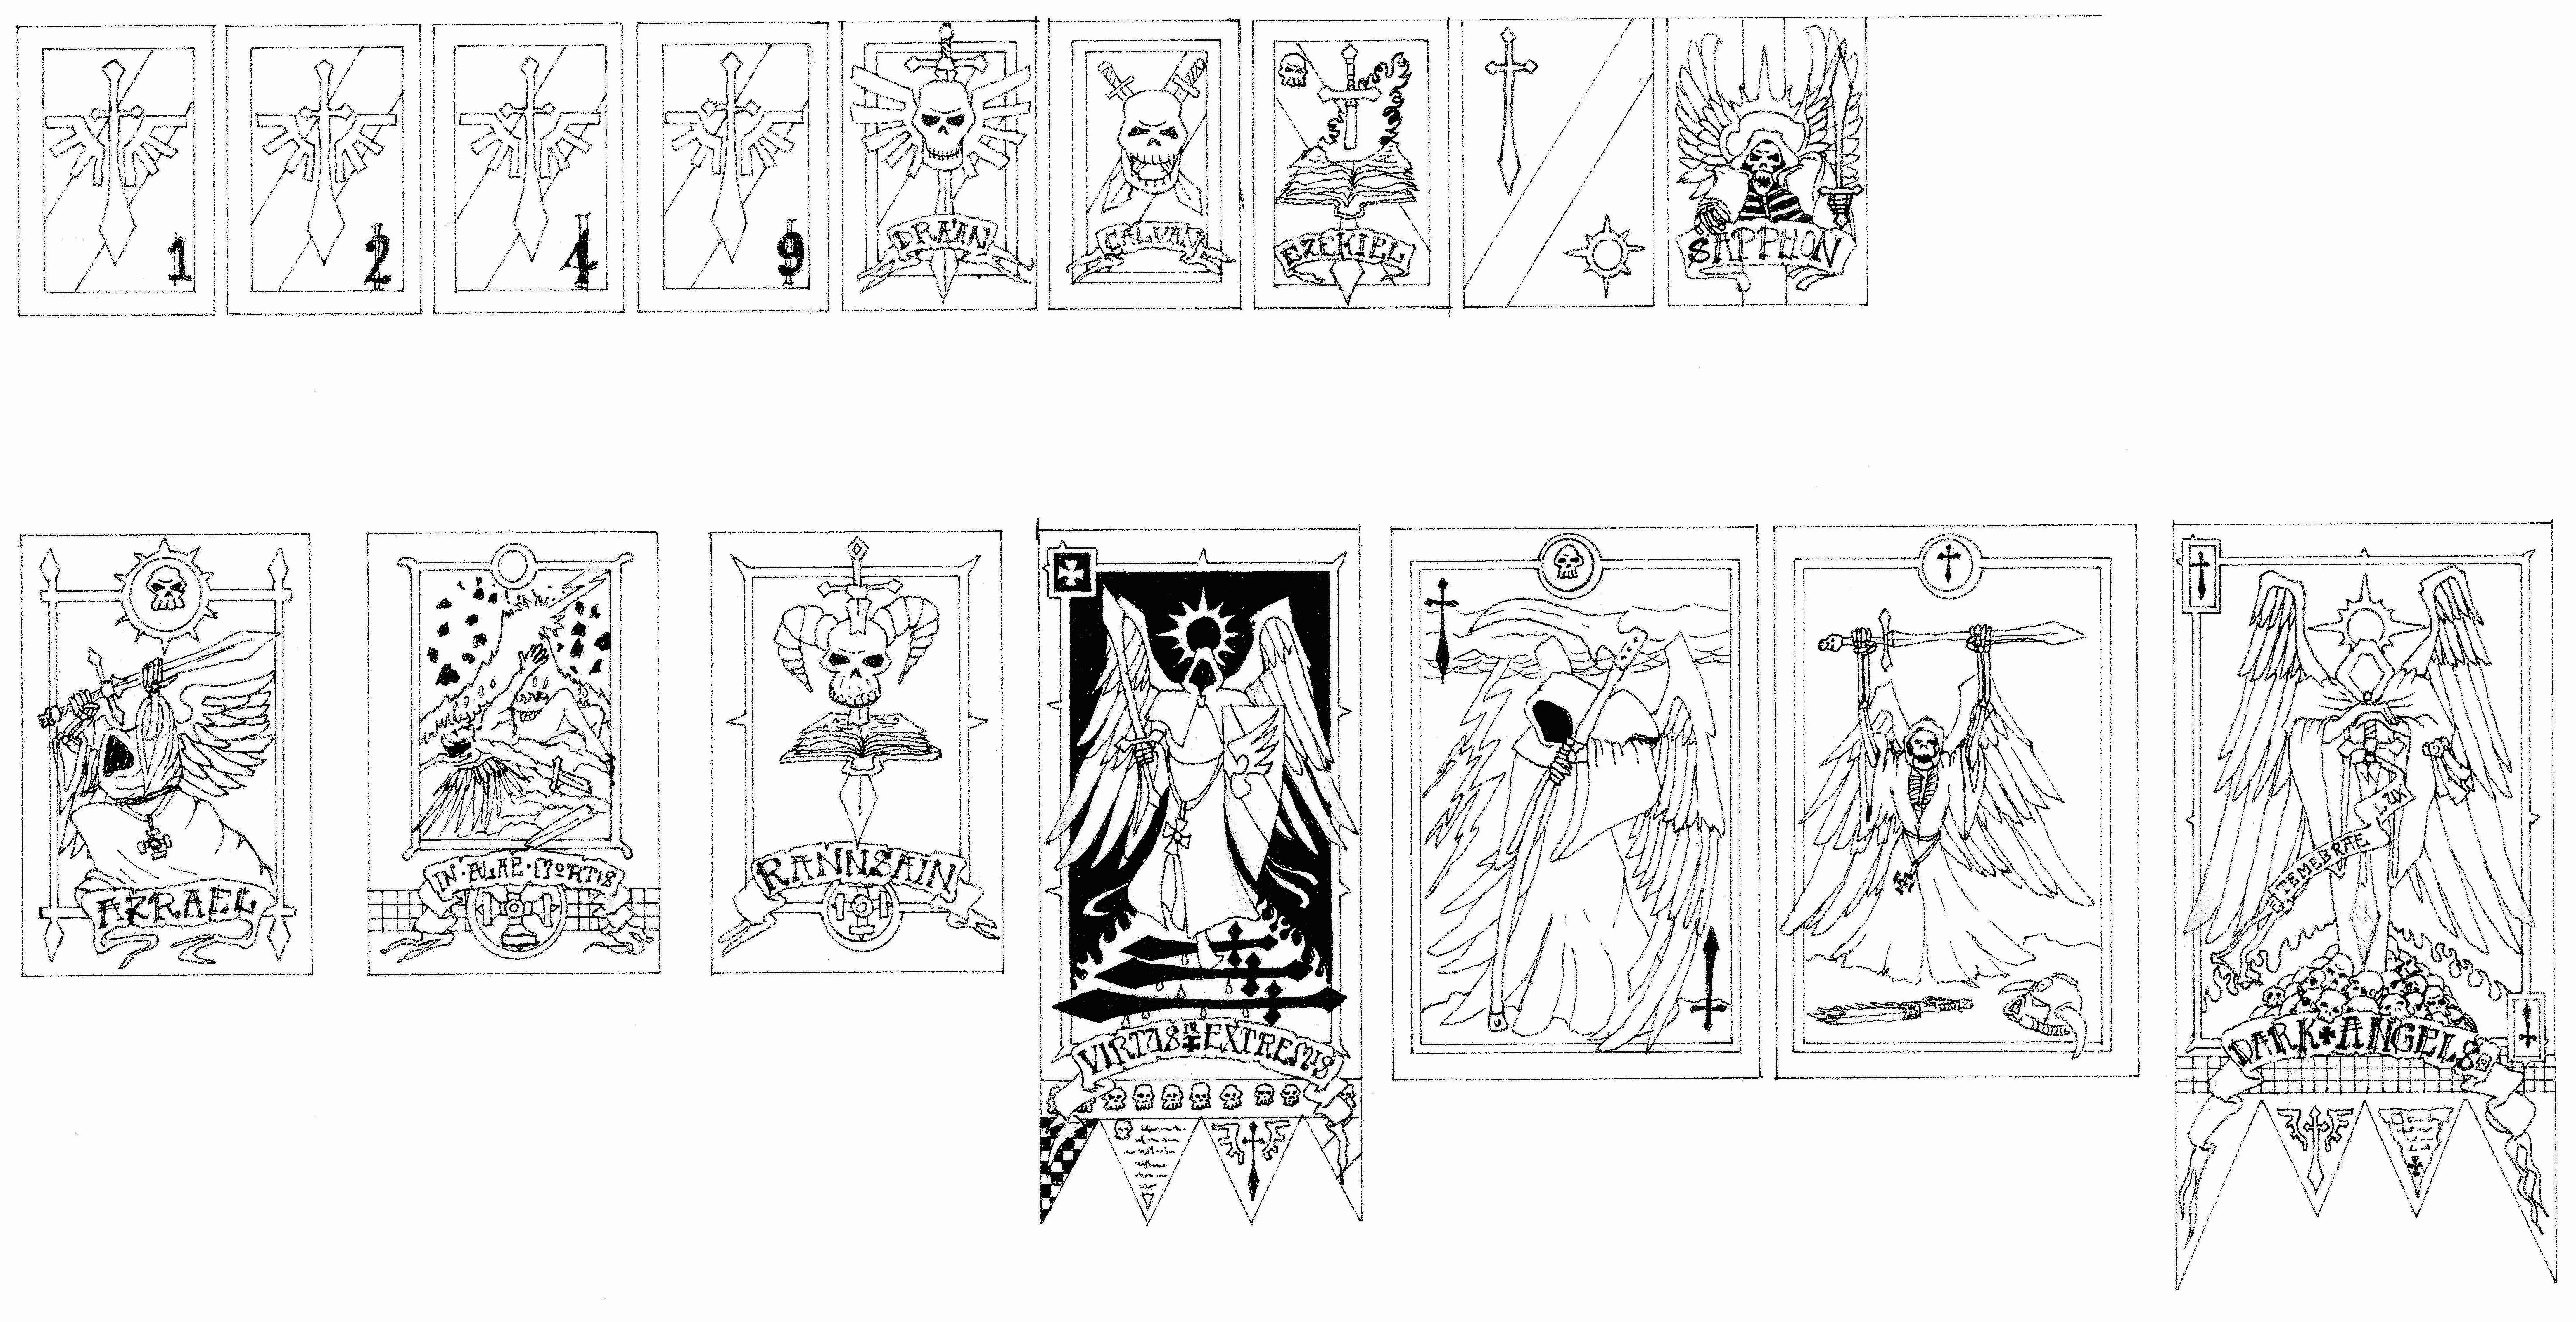 Banner, Dark Angels, Warhammer 40,000